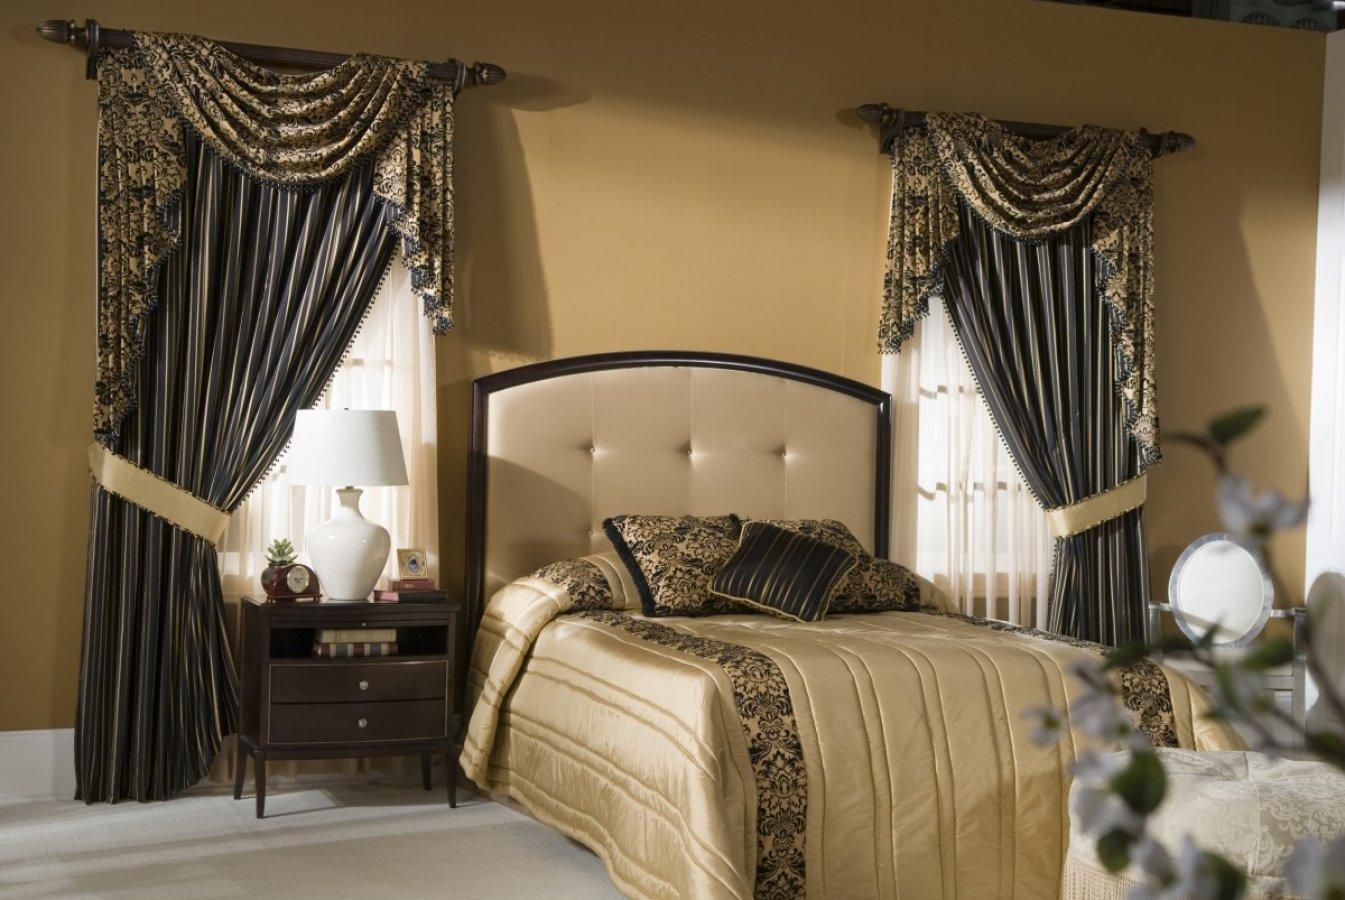 Дизайн спальни в деревенском стиле фото уроке рассказано